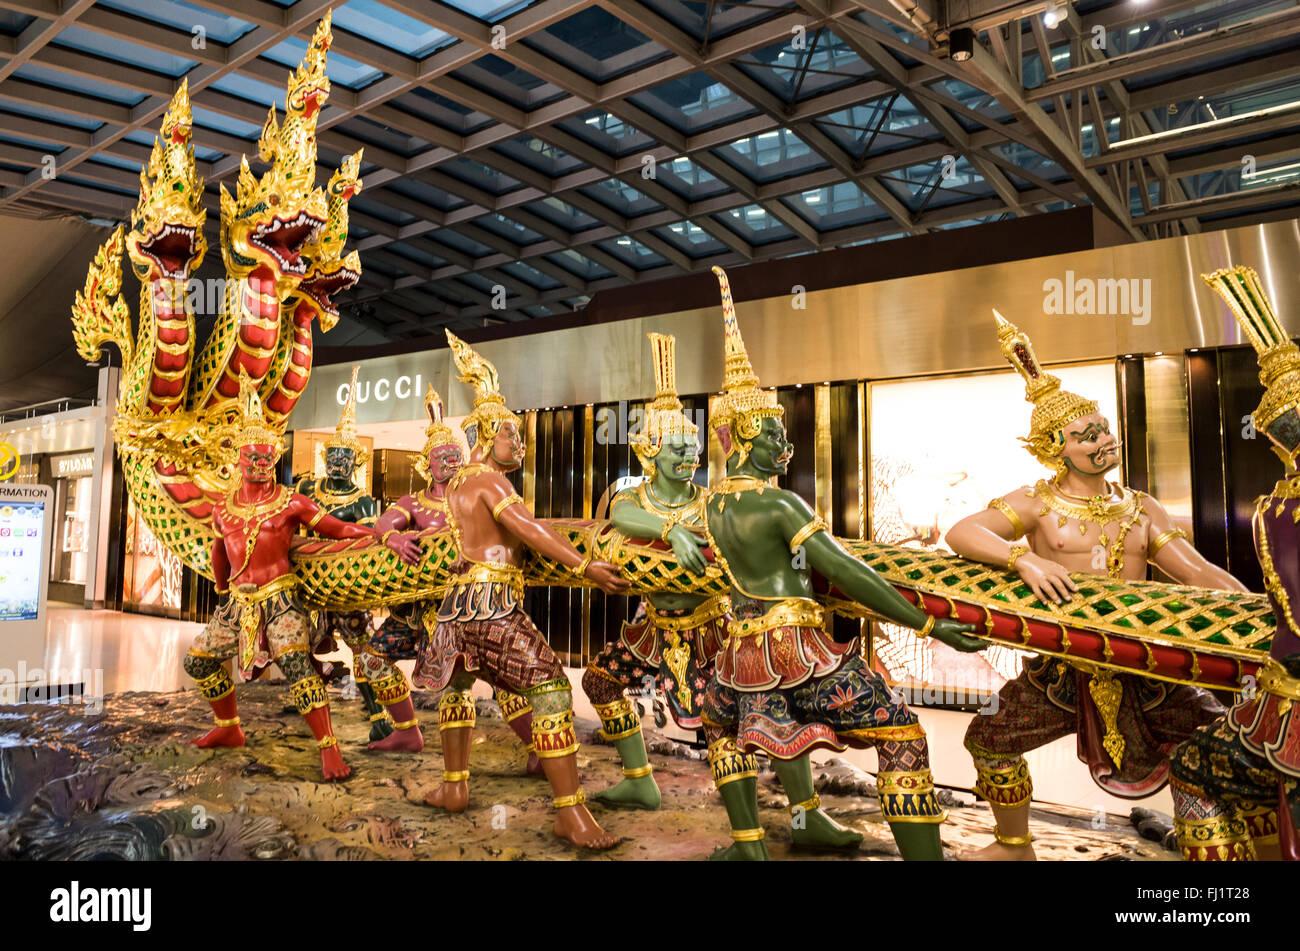 Une borne d'affichage à l'aéroport de Suvarnabhumi, à Bangkok, Thaïlande. Photo Stock